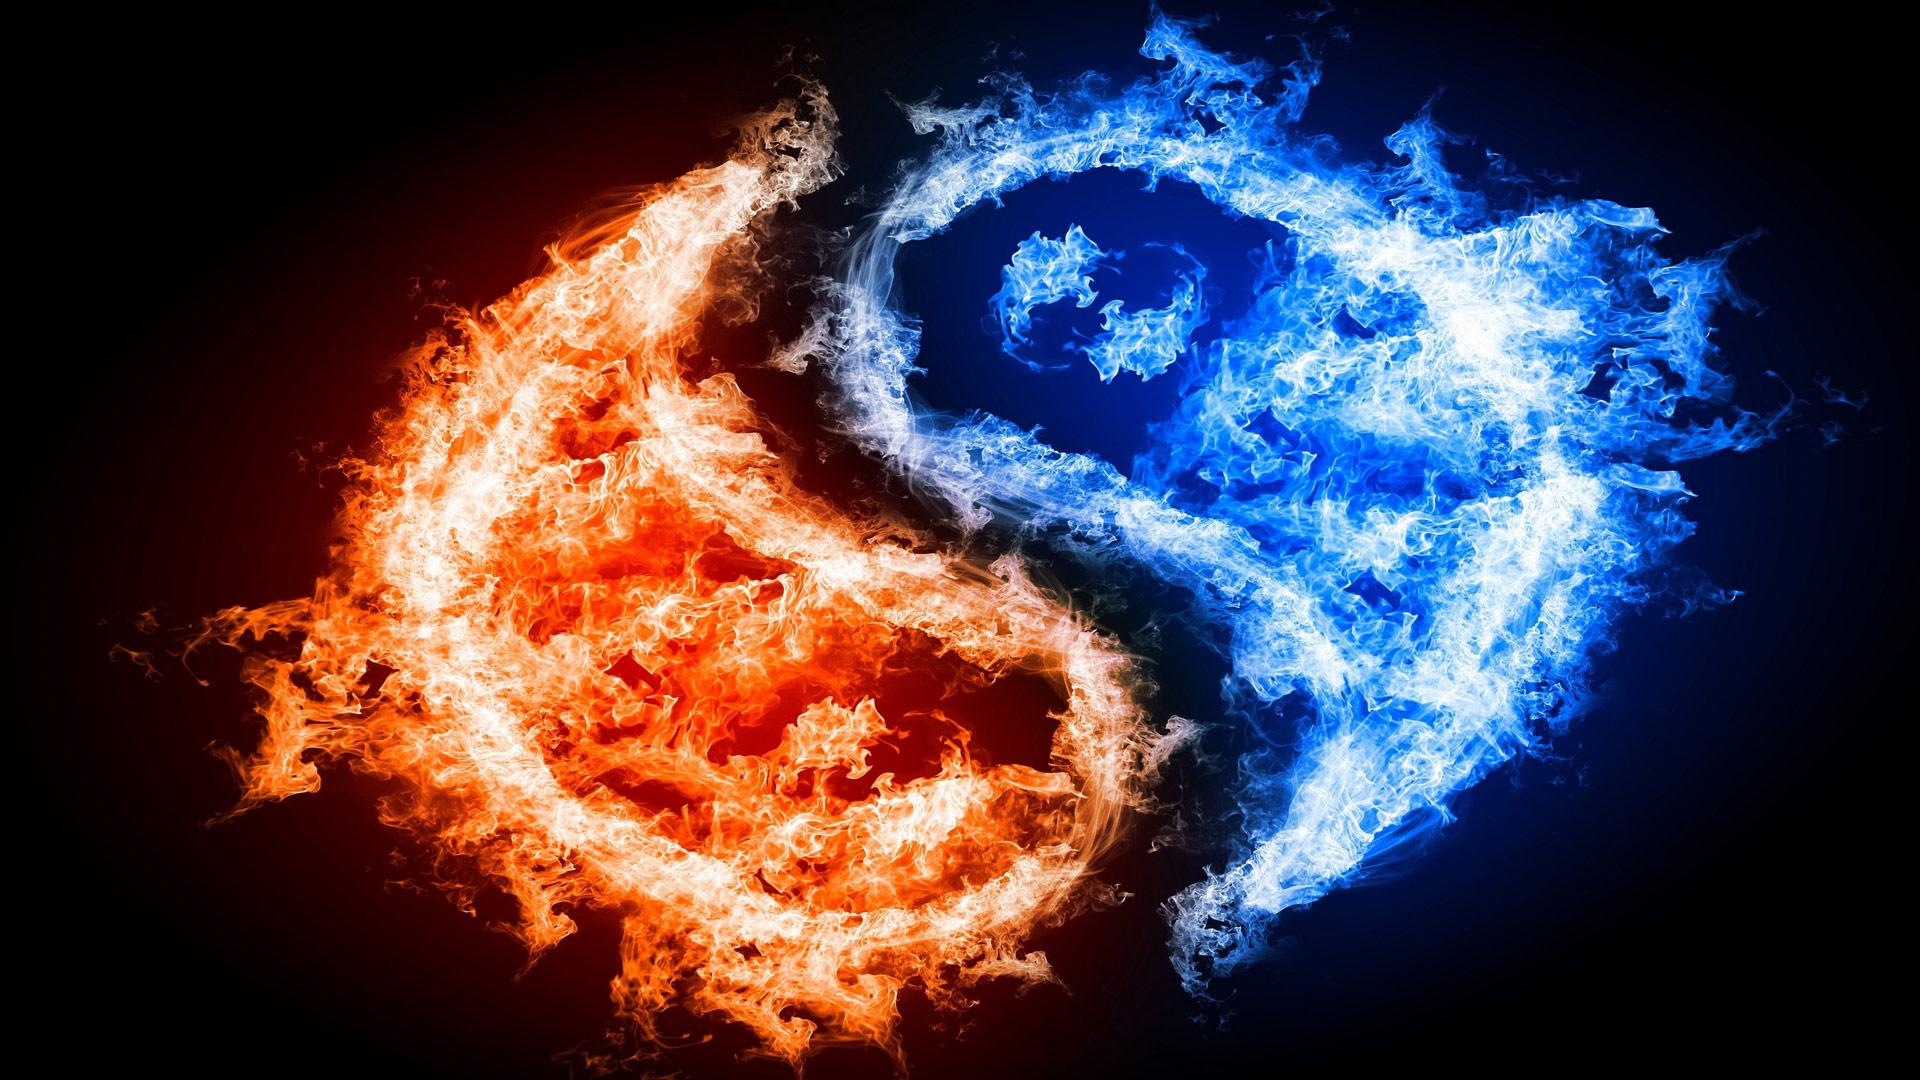 Обои огонь для рабочего стола бесплатно скачать